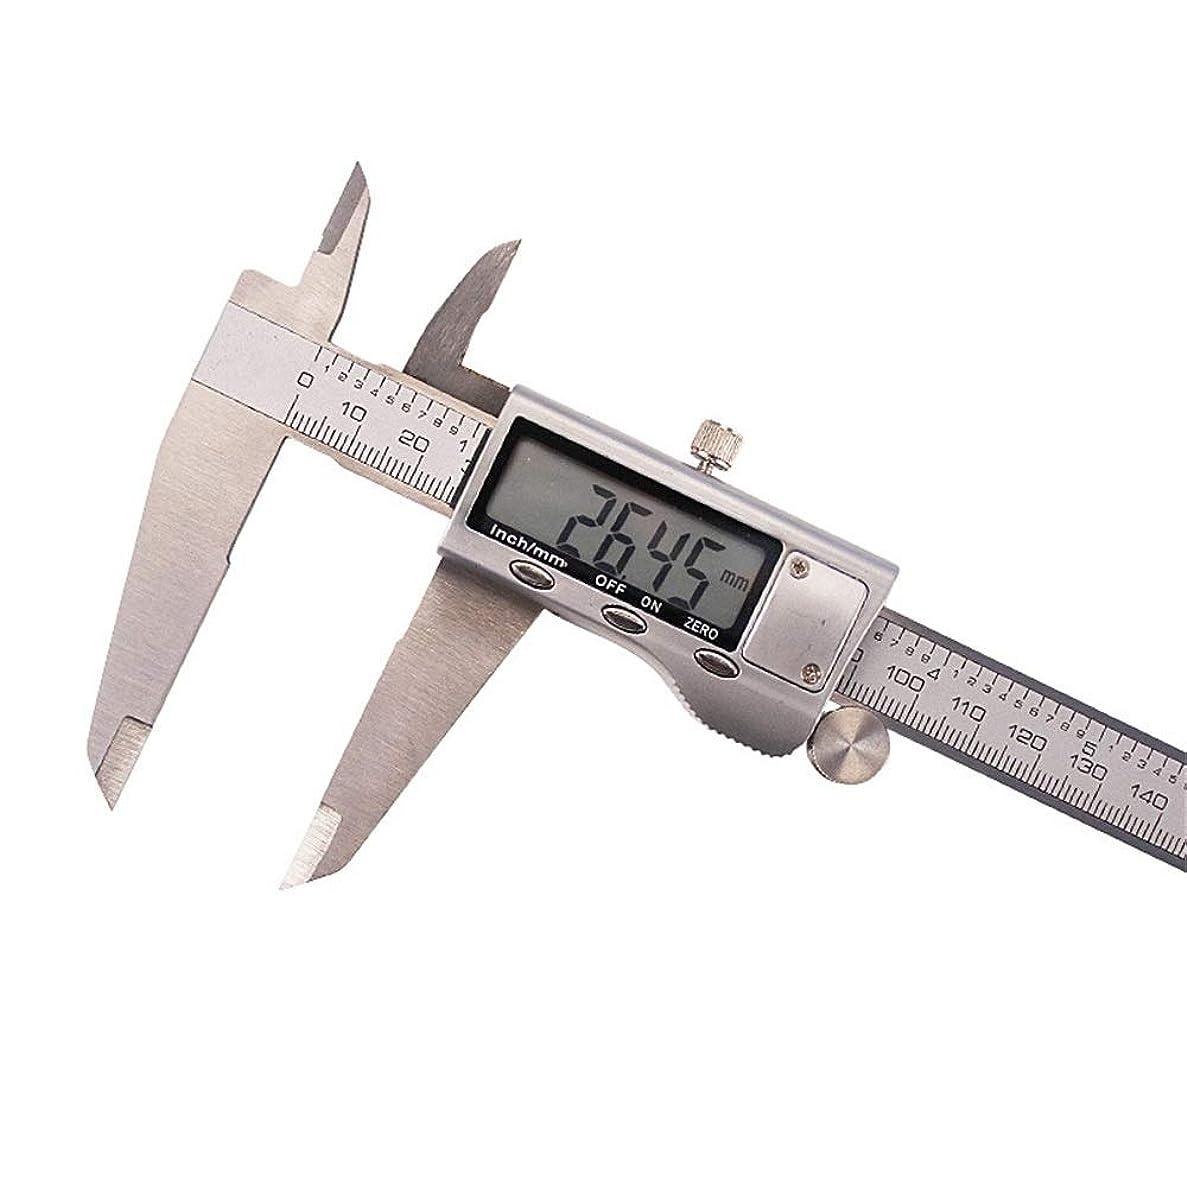 意図的フルーツビザノギス 測定ツール300MMメタルメーター4cr13ステンレス鋼の電子バーニアデジタルキャリパー 測定工具 精密作業大工DIY (Color : Silver, Size : 0-300MM)